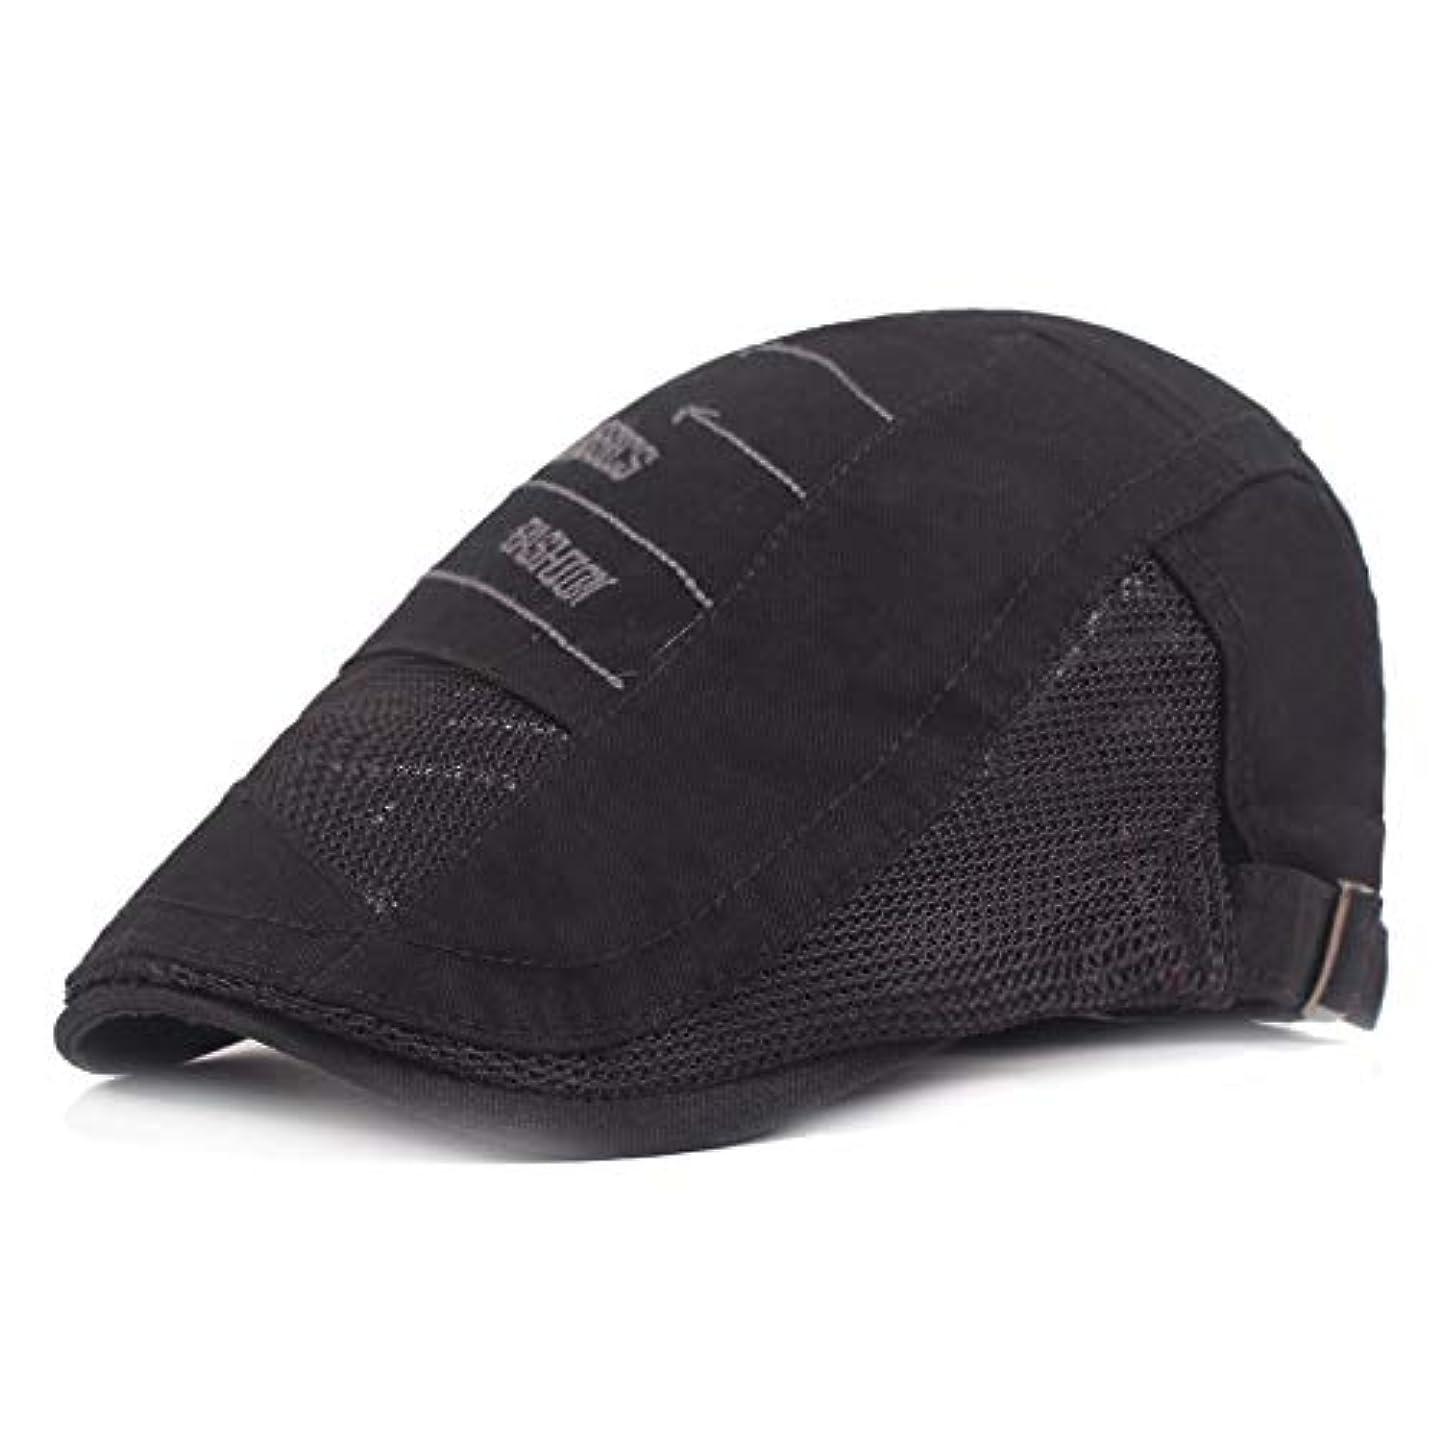 リークバルーン豪華なサマー ベレー帽 メッシュ キャスケットハンチング帽 メンズ レディース ハット トレッキング日よけ 帽子